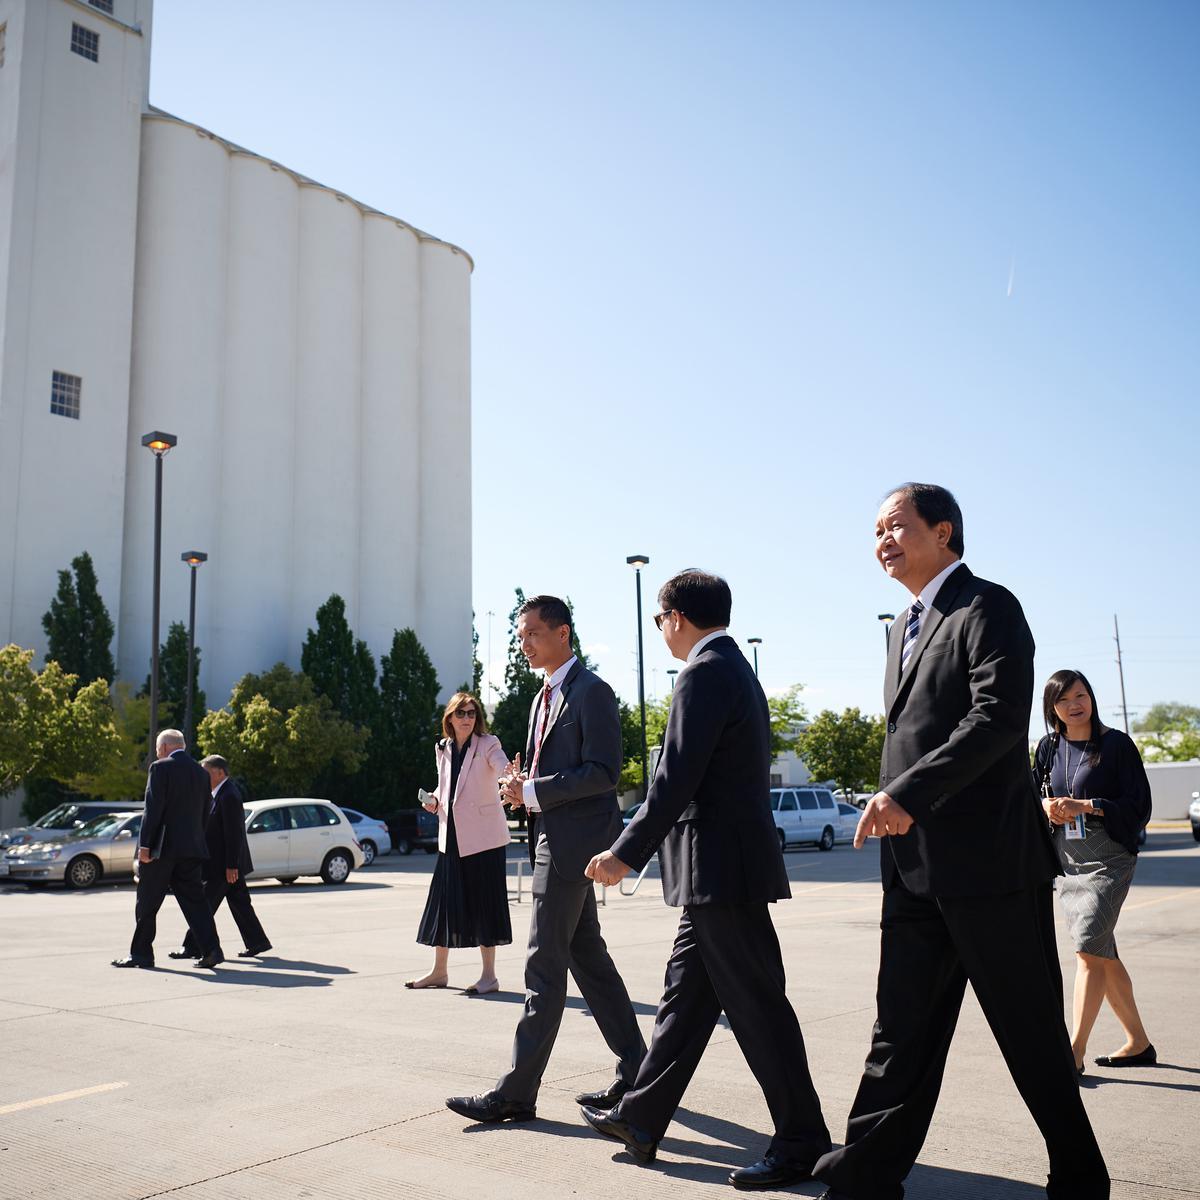 Delegasi dari Komite Urusan Keagamaan Vietnam mengadakan tur ke Welfare Square di Salt Lake City Utah pada 4 Juni 2019.